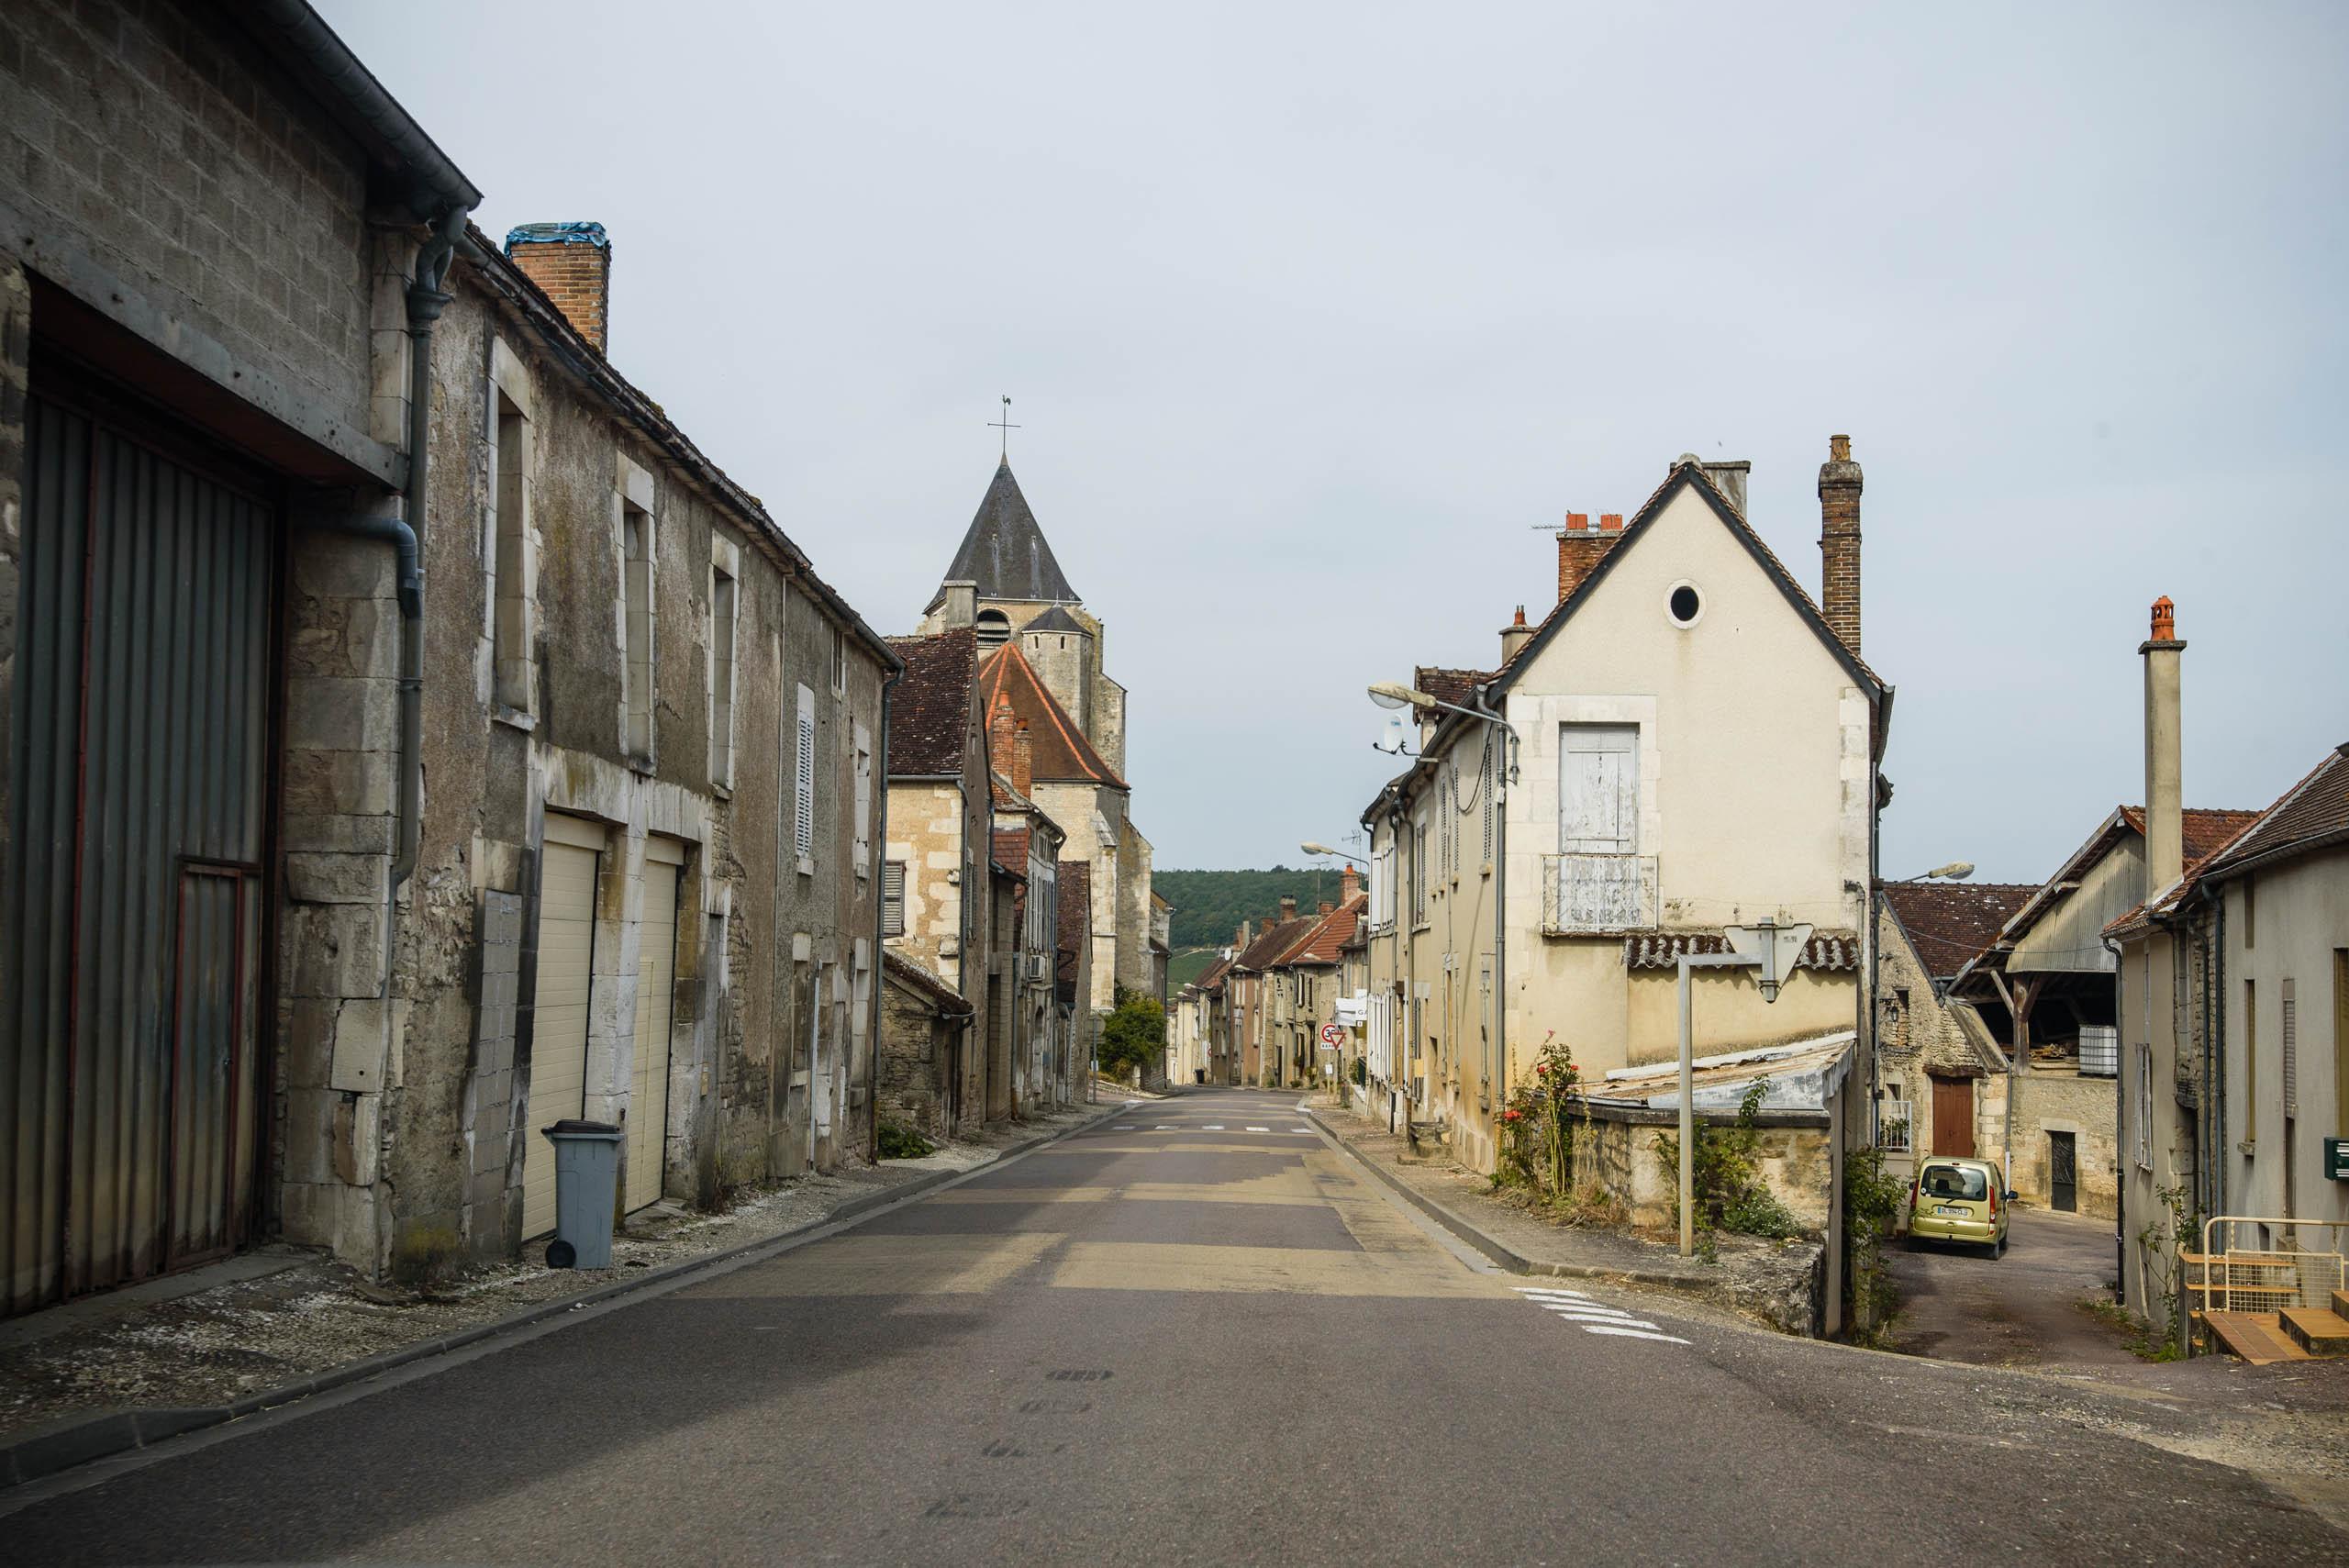 Wioska w zapomnianej części Burgundii